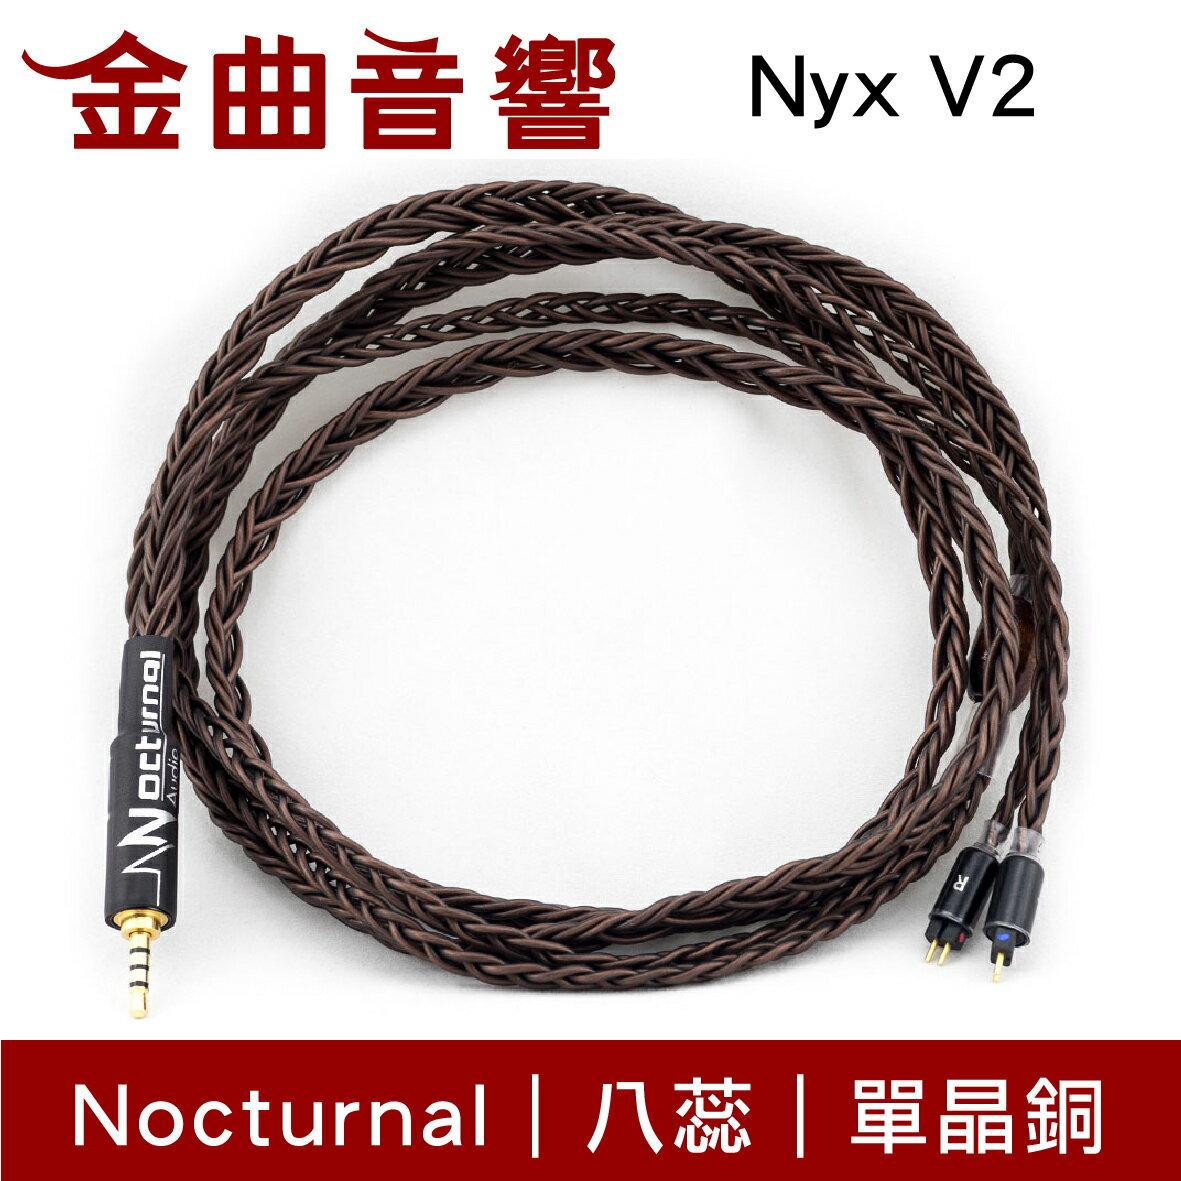 Nocturnal 諾特洛 Nyx V2 8蕊 148股7N單晶銅 升級線 NyxV2 | 金曲音響